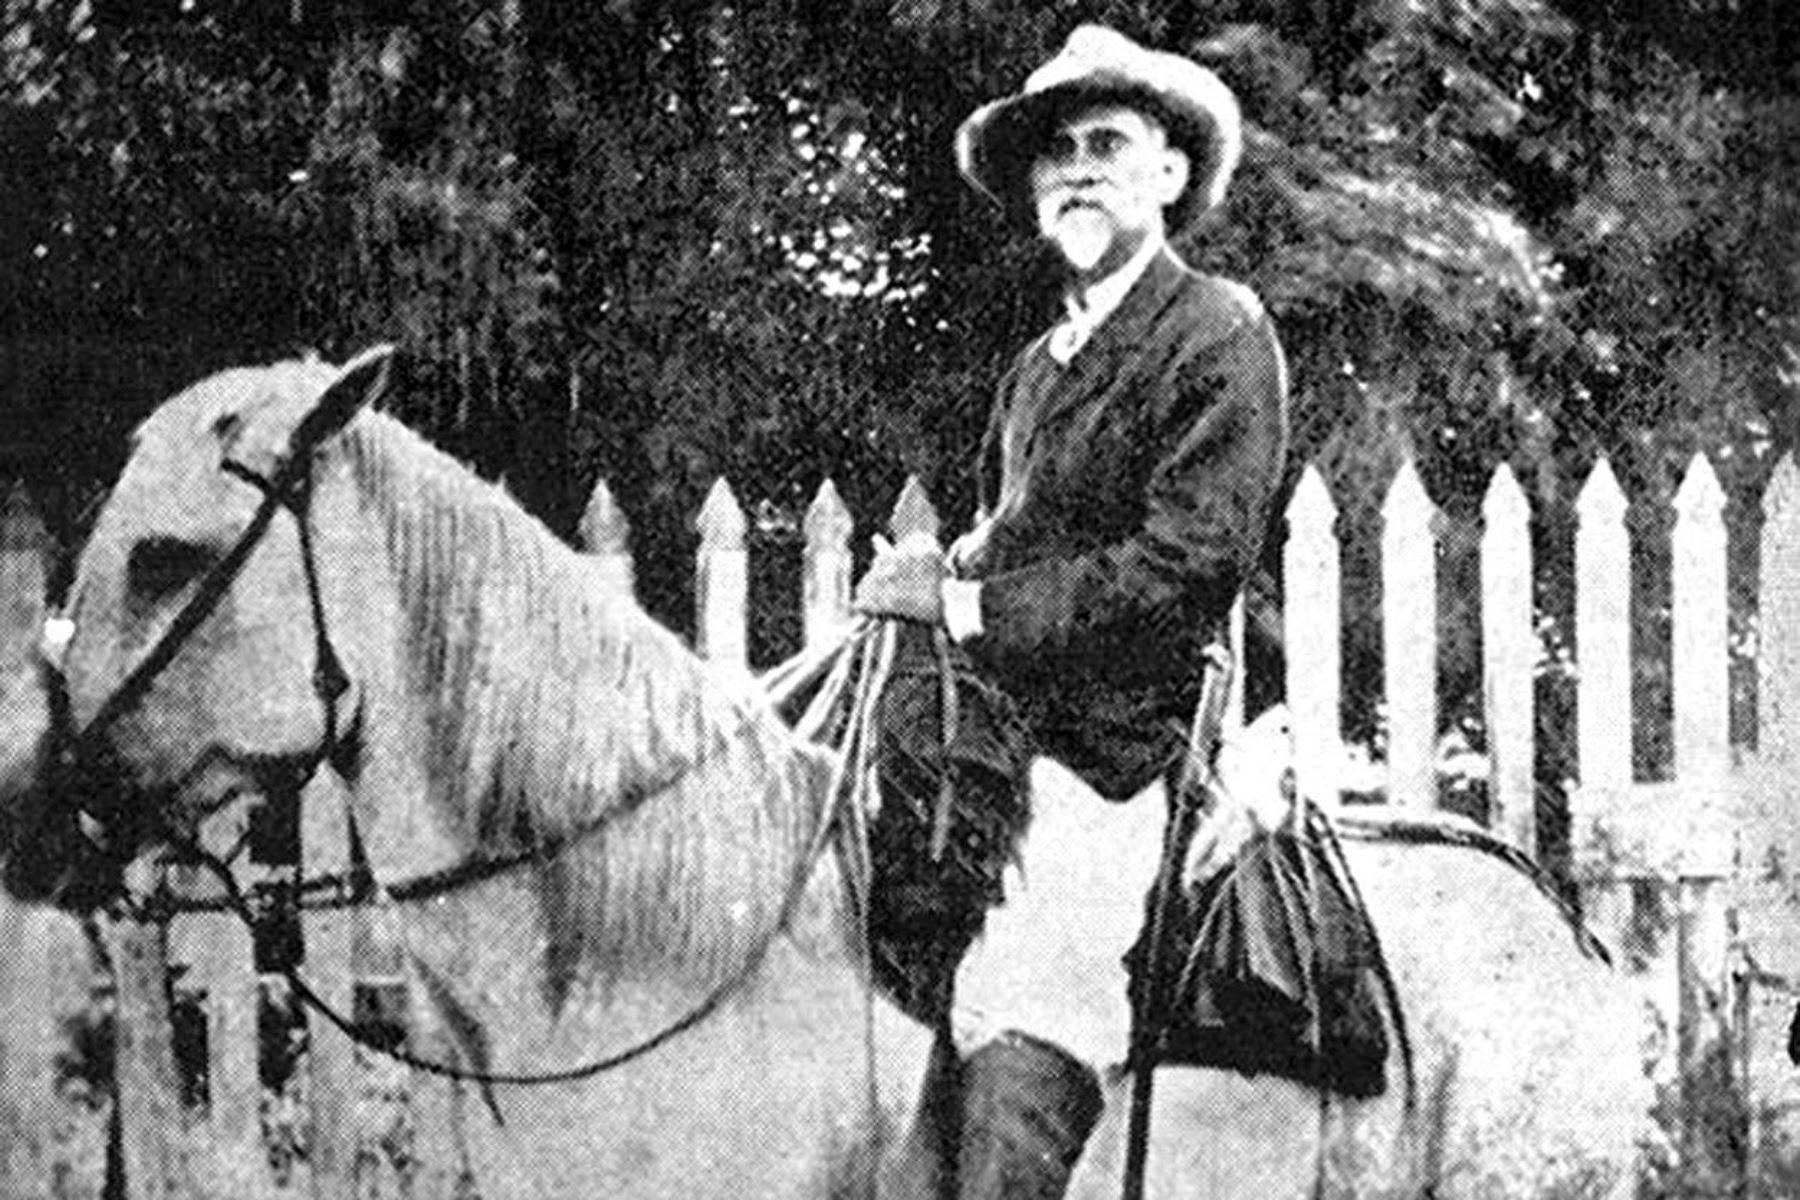 Esta prenda fue llevada a Cuba, según historiadores criollos, por el general dominicano Máximo Gómez, oriundo de Baní, prócer de la independencia cubana y uno de los fundadores del Ejército hondureño. (Foto tomada de cubadebate.cu)